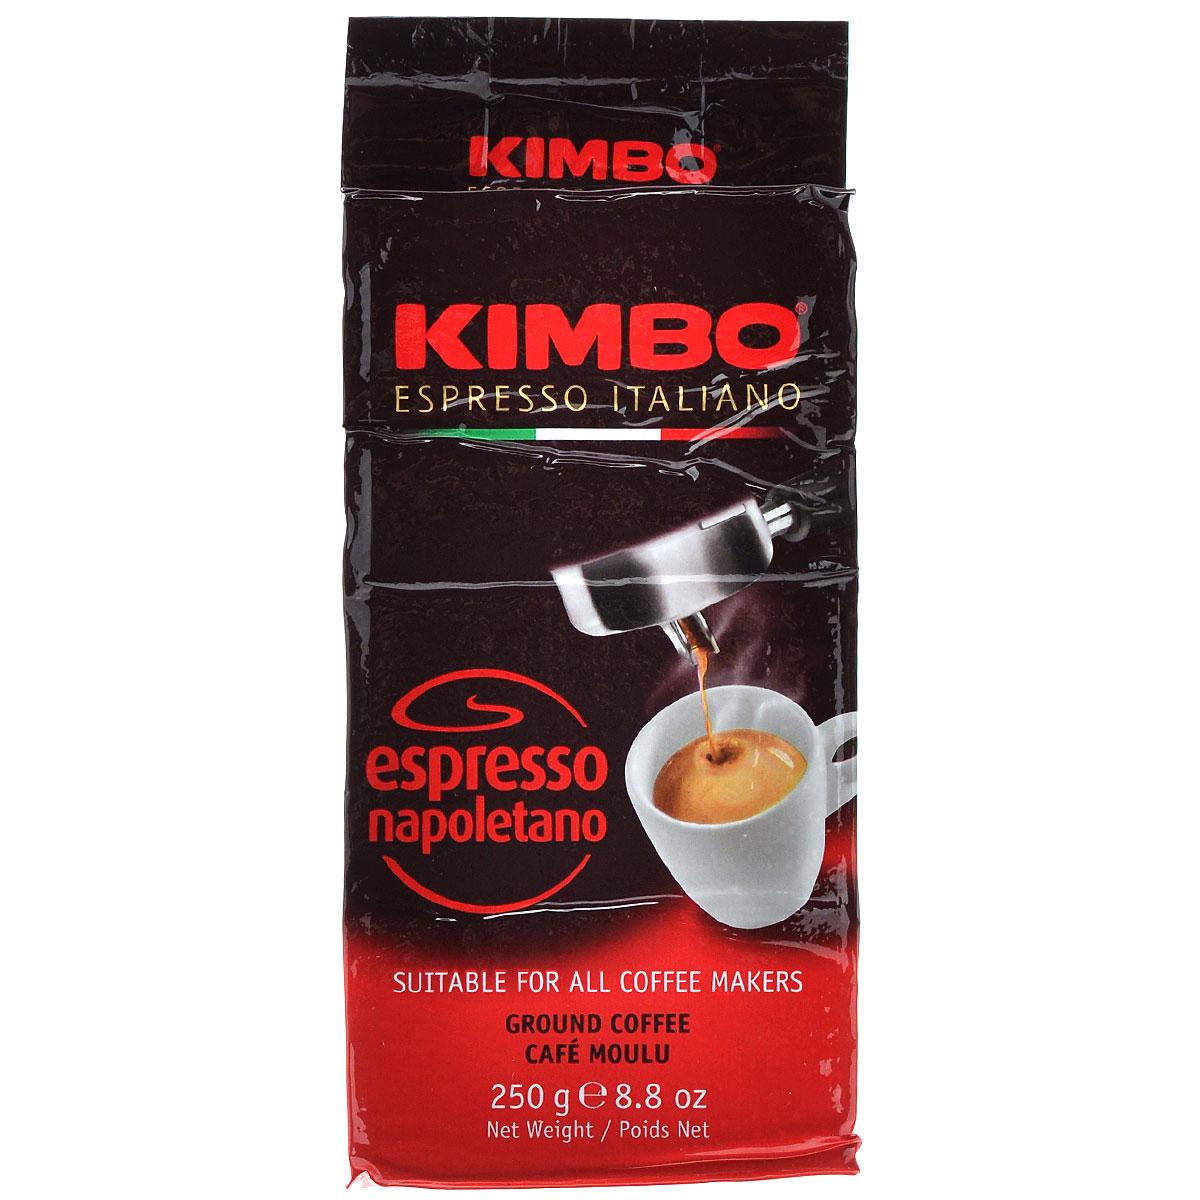 Kimbo Espresso Napoletano кофе молотый, 250 г (в/у)101246Натуральный жареный молотый кофе Kimbo Espresso Napoletano с интенсивным вкусом и богатым ароматом. Традиционная неаполитанская обжарка характеризуется густой пенкой. Идеально подходит для любителей крепкого эспрессо. Состав смеси: 90% арабика, 10% робуста.